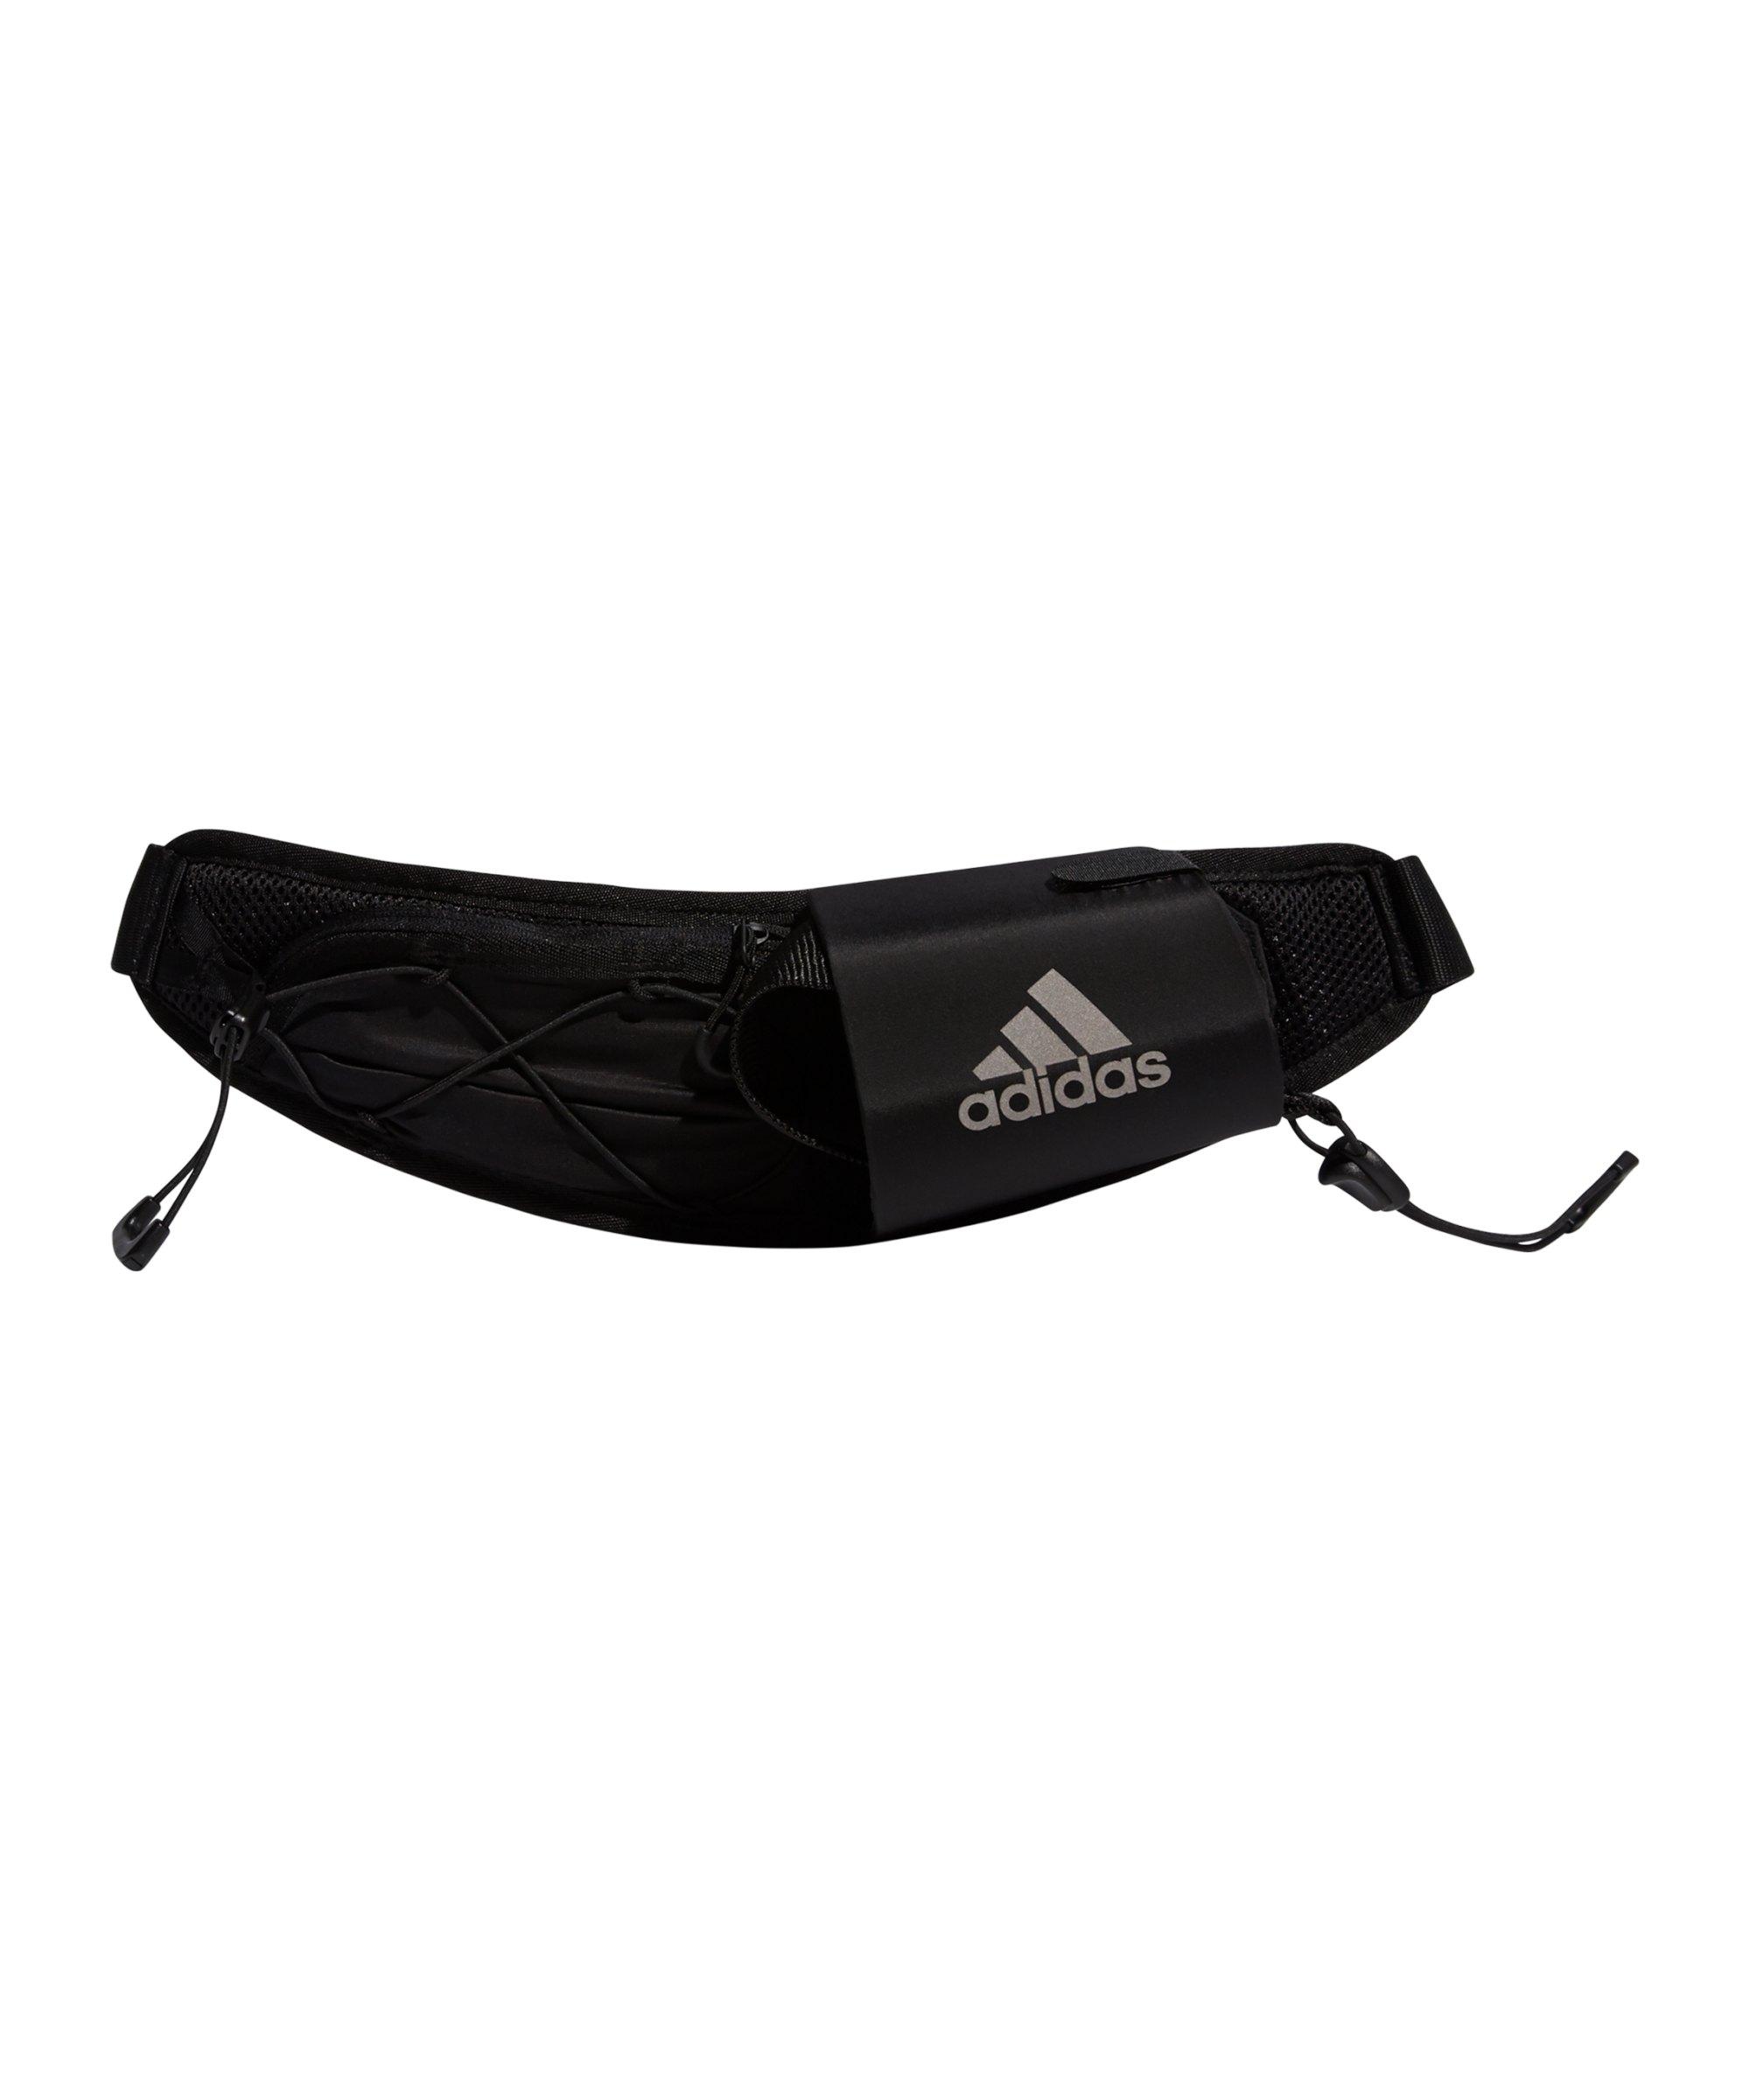 adidas Bottle Bag Hüfttasche Schwarz - Schwarz